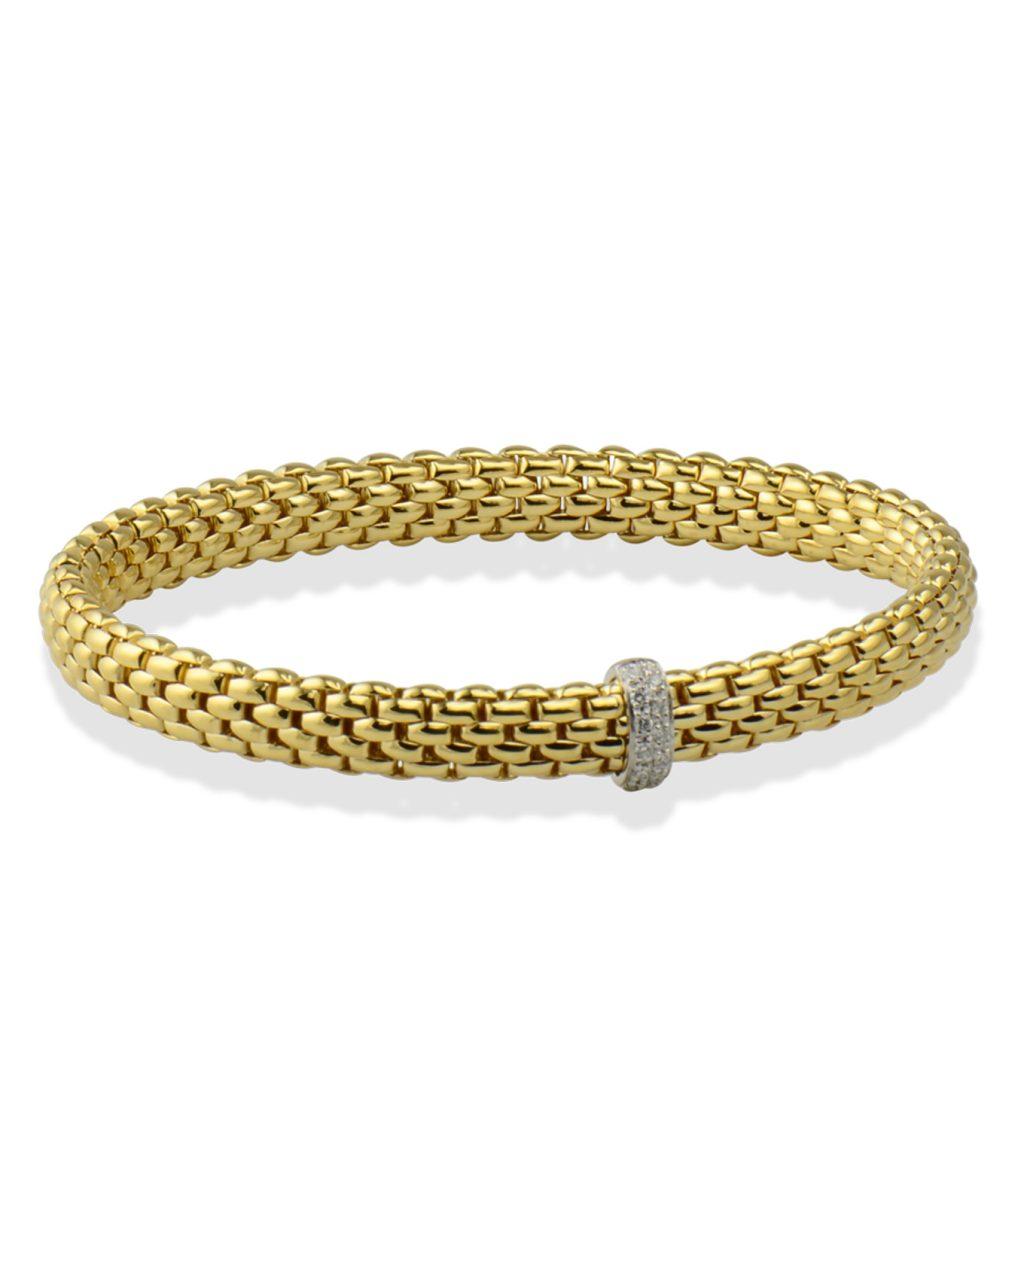 Flexible gold bracelet by Fope